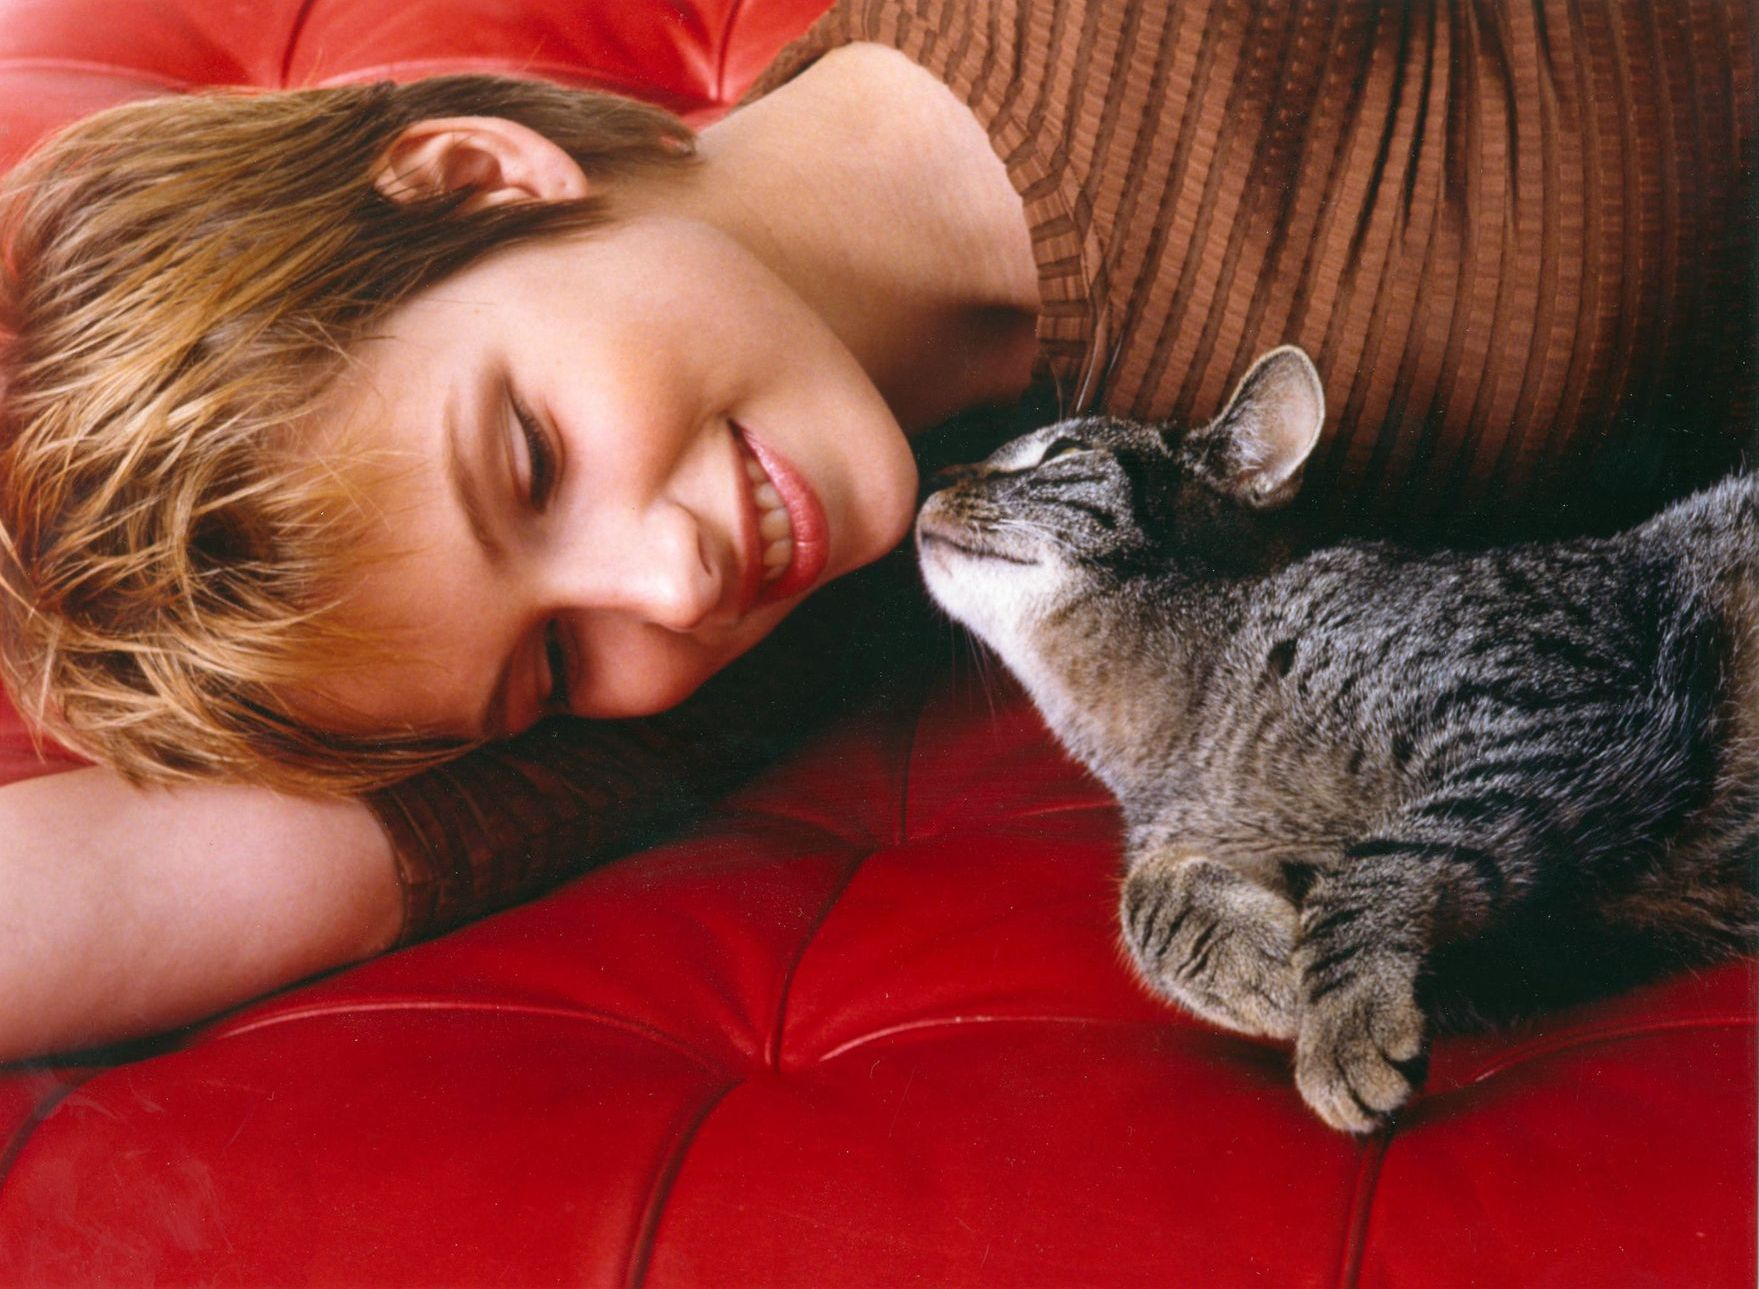 Single frauen katzen Crazy Cat Girl: 9 Dinge, die Männer wissen sollten, bevor sie eine